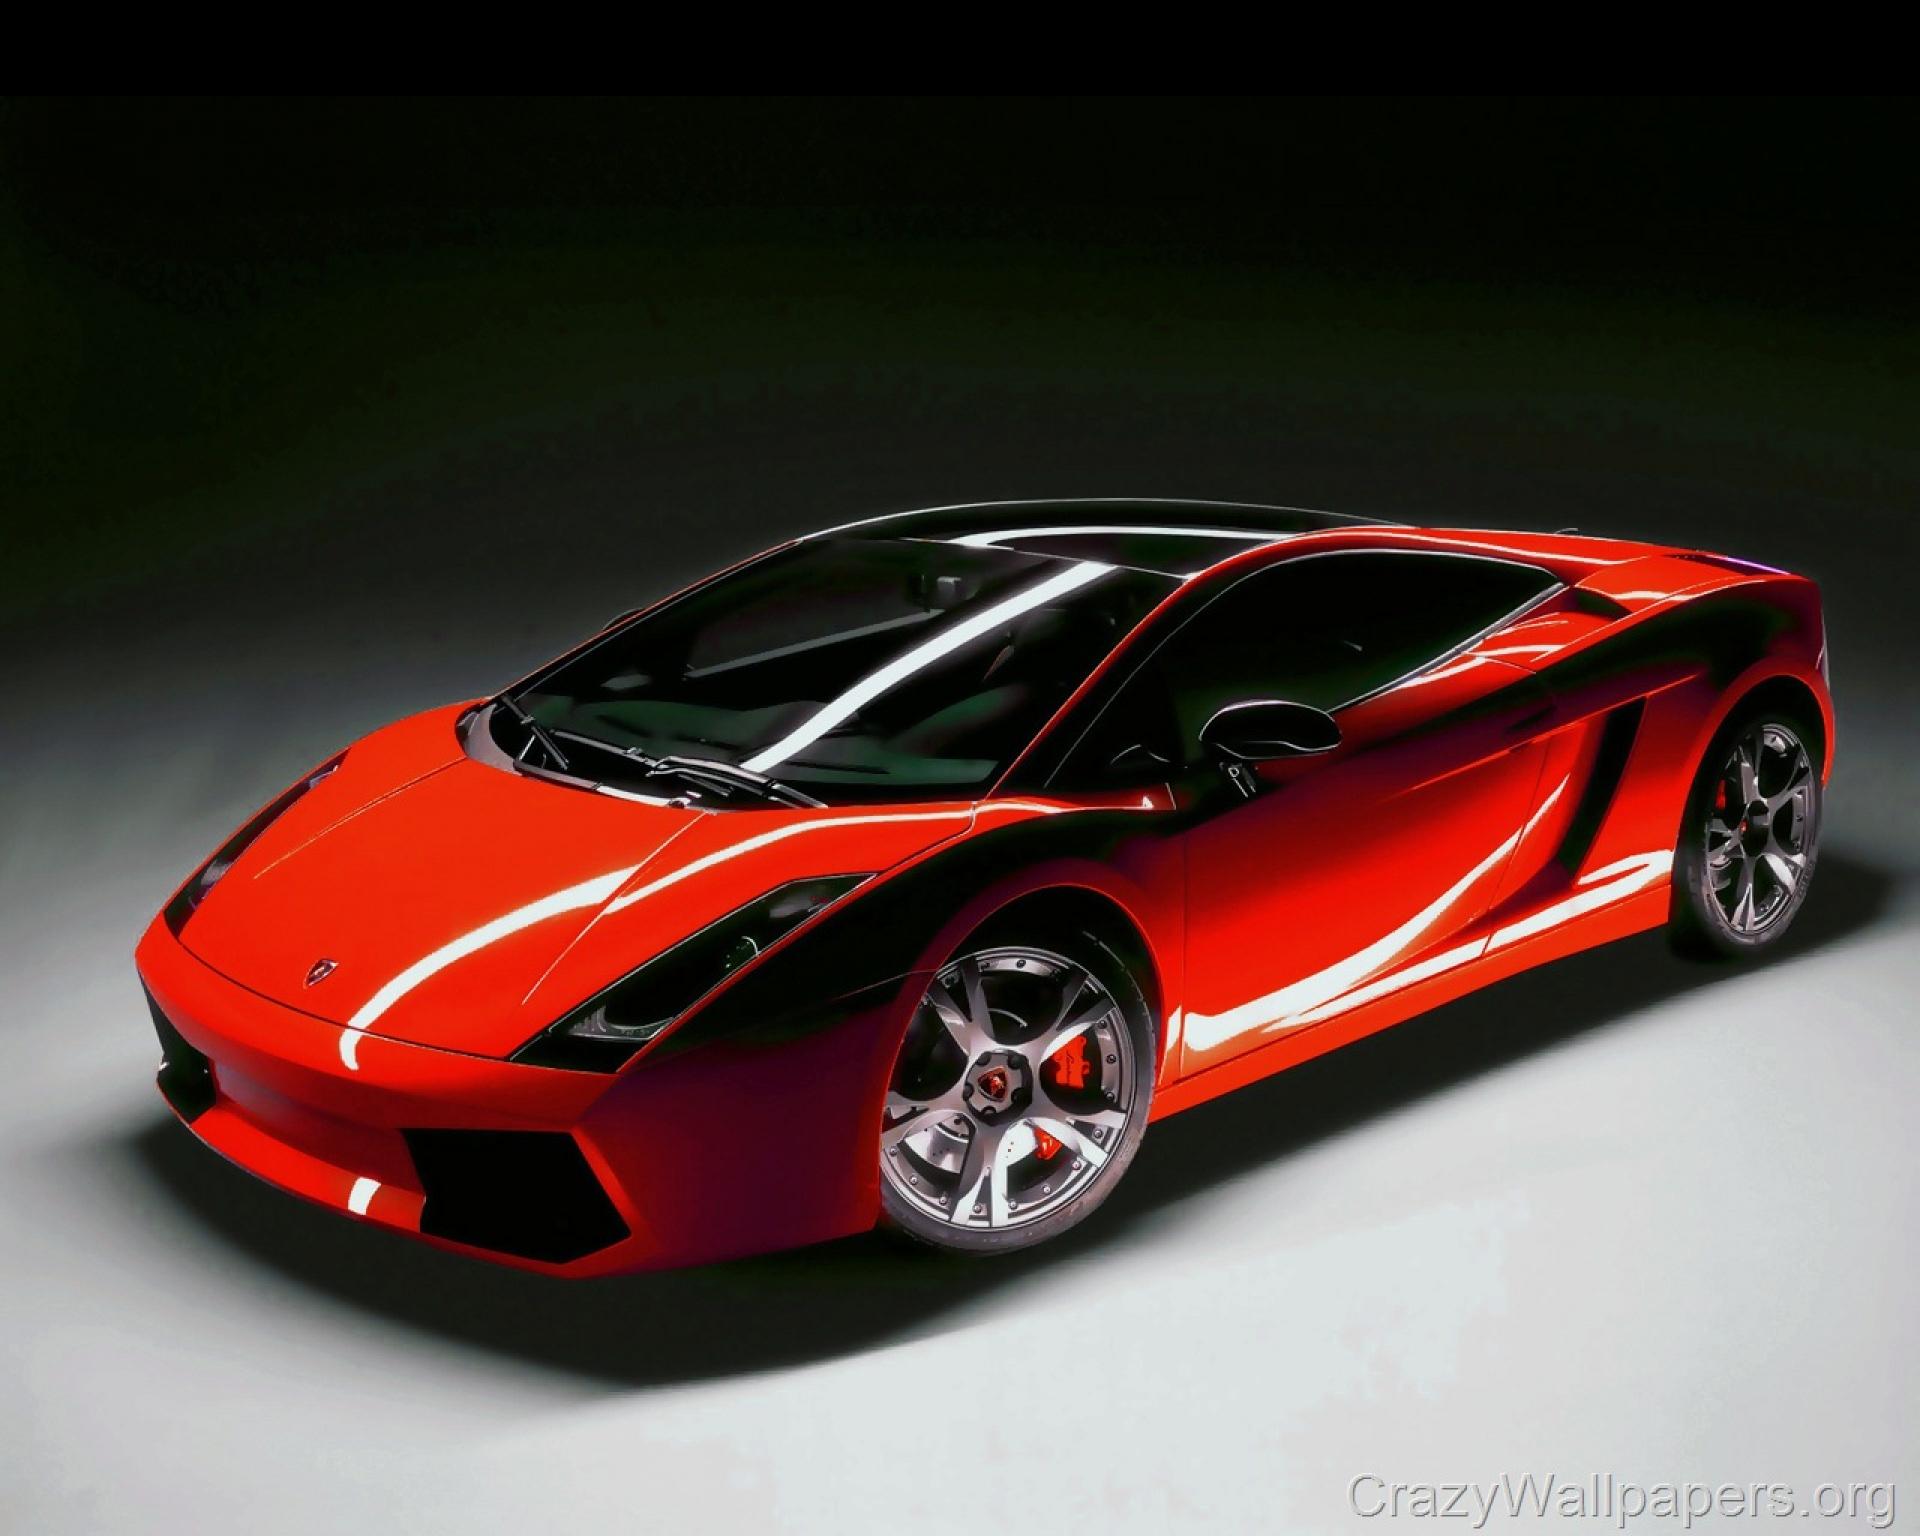 [74+] Red Lamborghini Reventon Wallpaper on WallpaperSafari